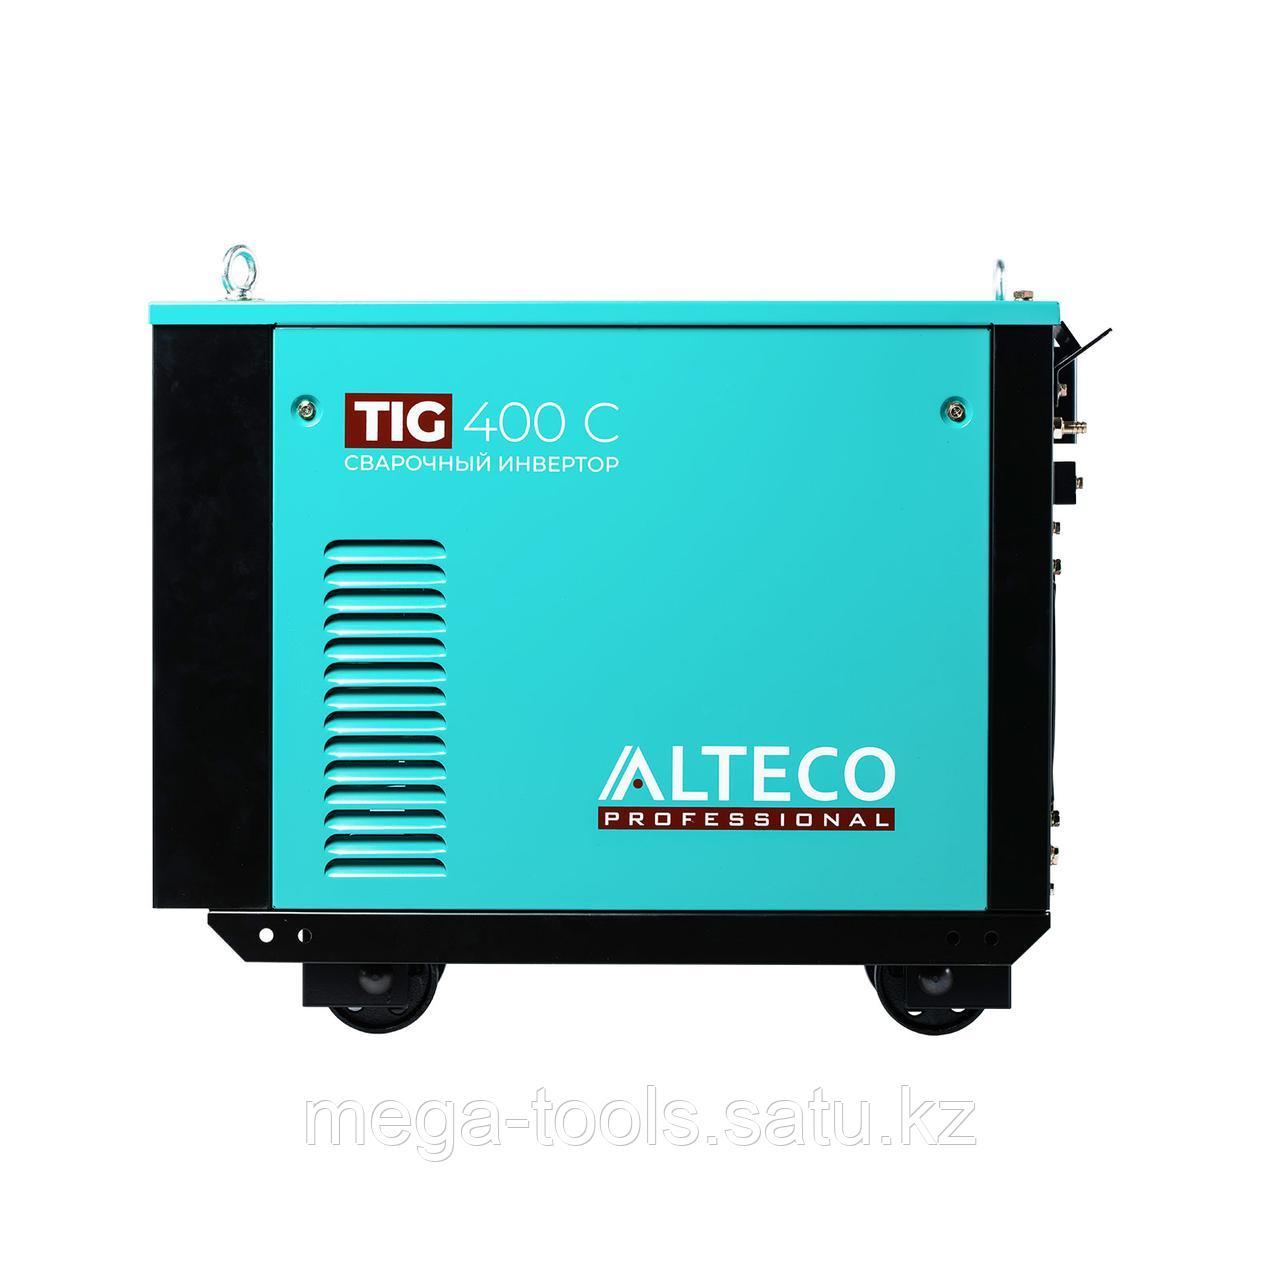 Сварочный аппарат ALTECO TIG 400 C - фото 4